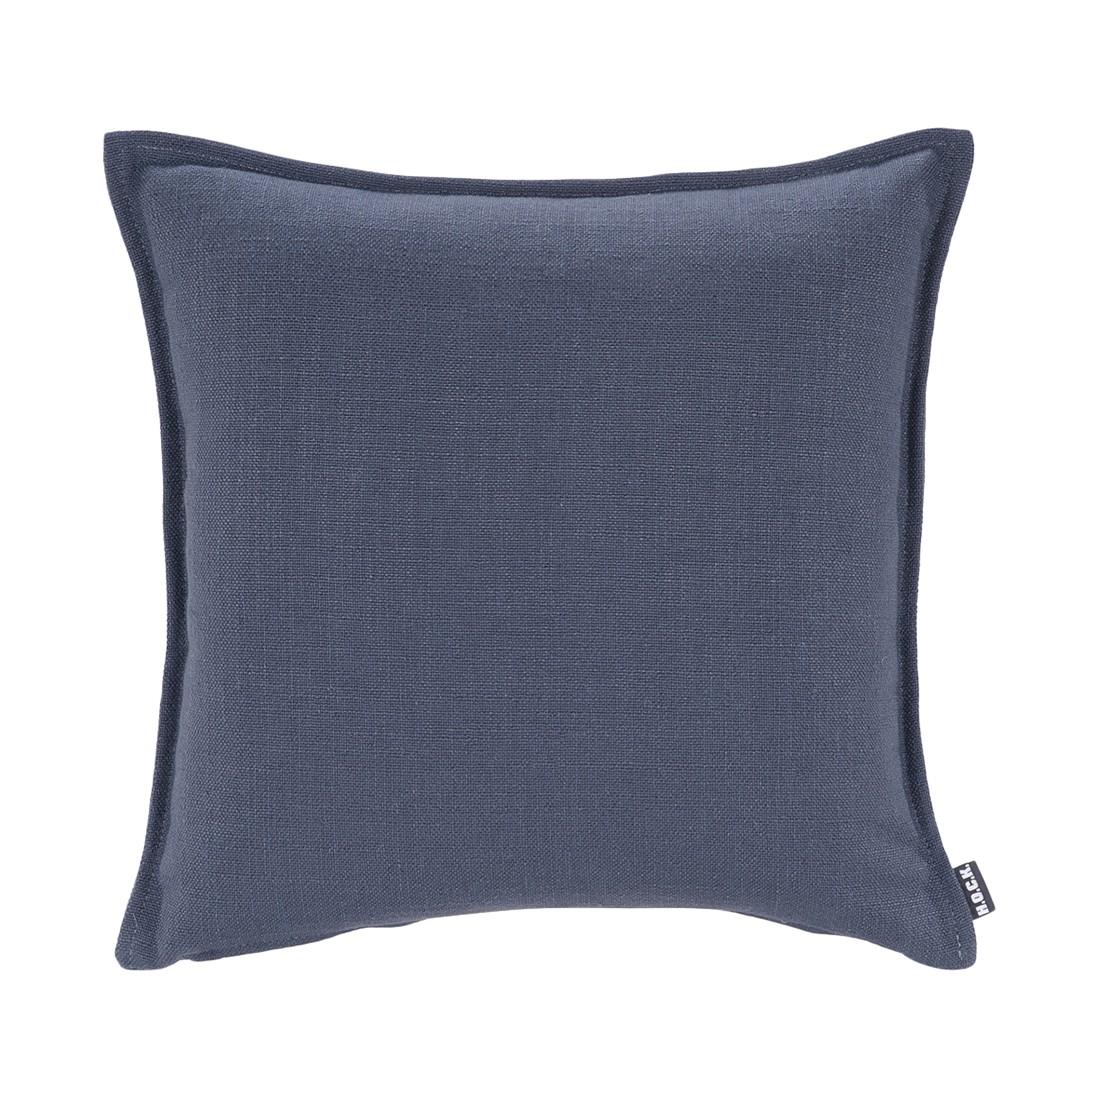 Kissen Manhattan – Leinen – Blau – 45x45cm, H.O.C.K online bestellen